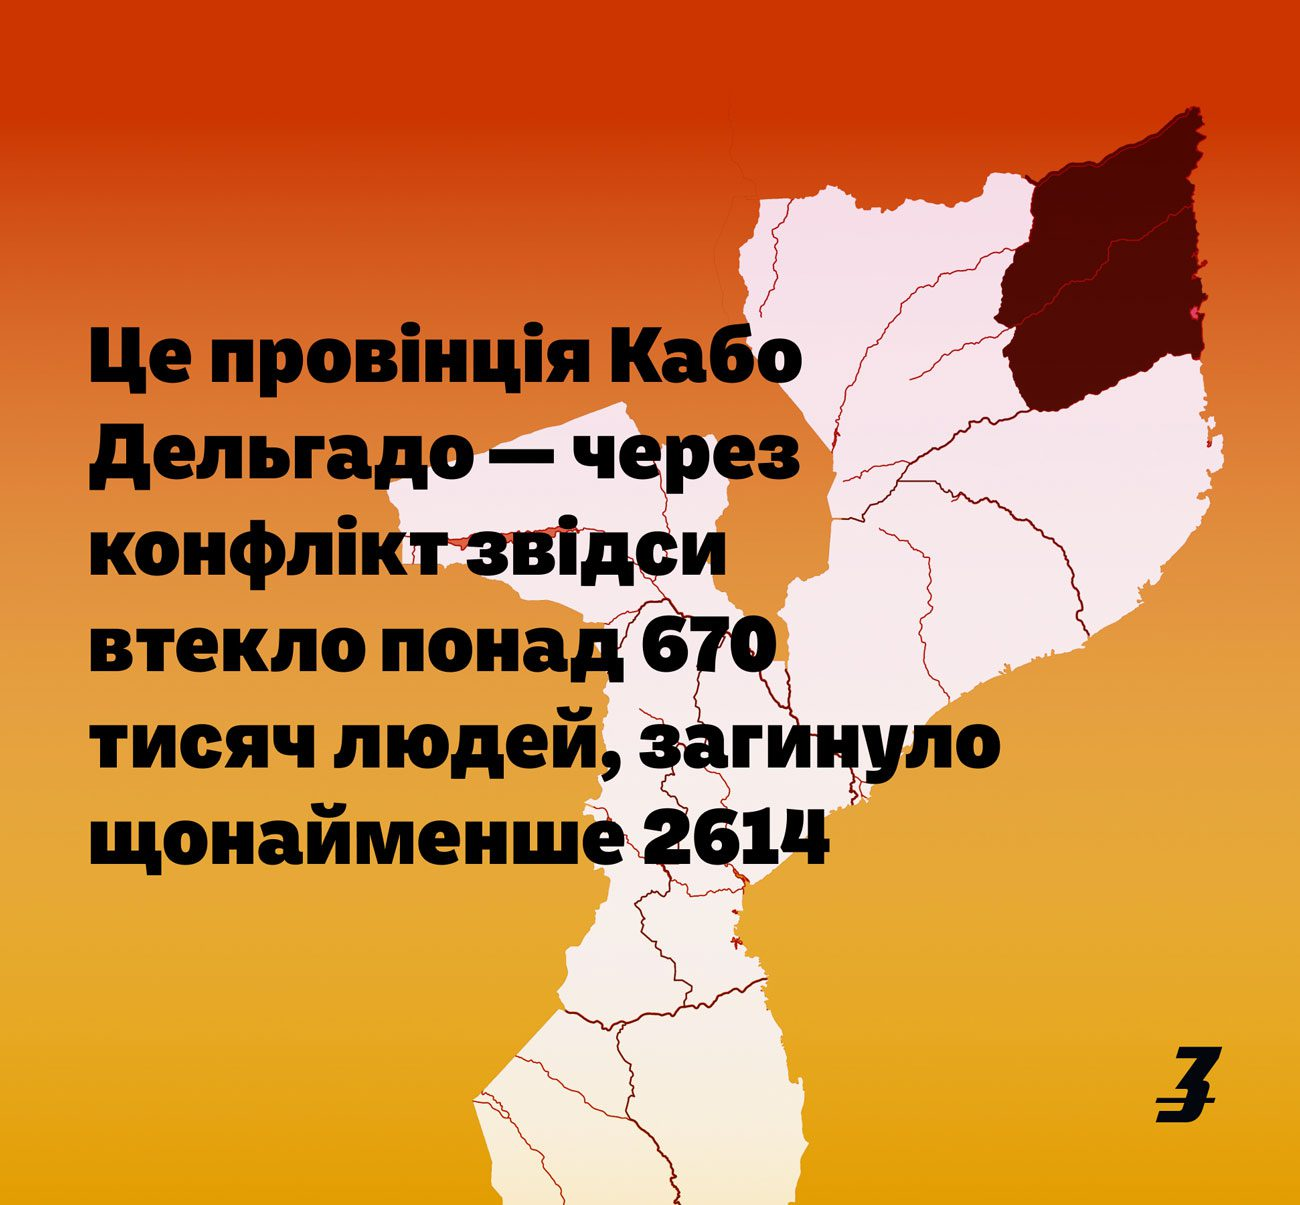 mosambik map 02 ua - <b>У Мозамбіку ісламісти масово обезголовлюють людей.</b> Пояснюємо, що там відбувається - Заборона